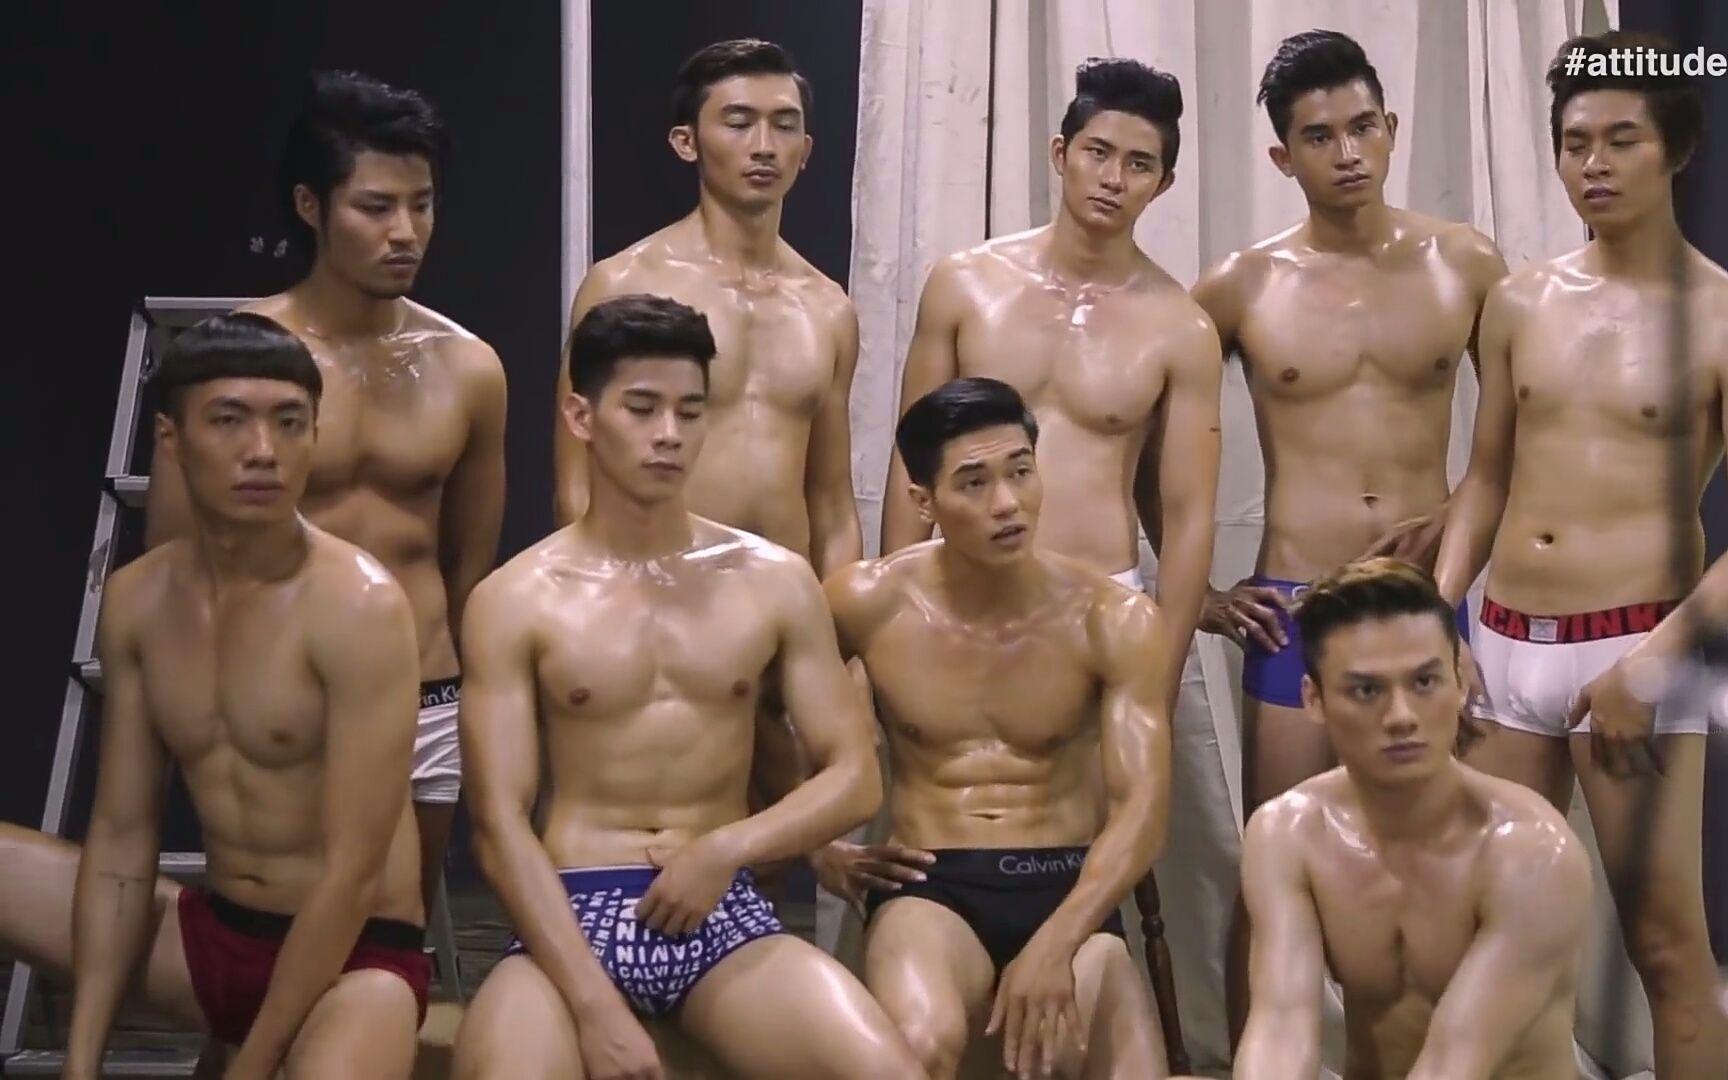 【越南】男模拍摄同志杂志《attitude图片